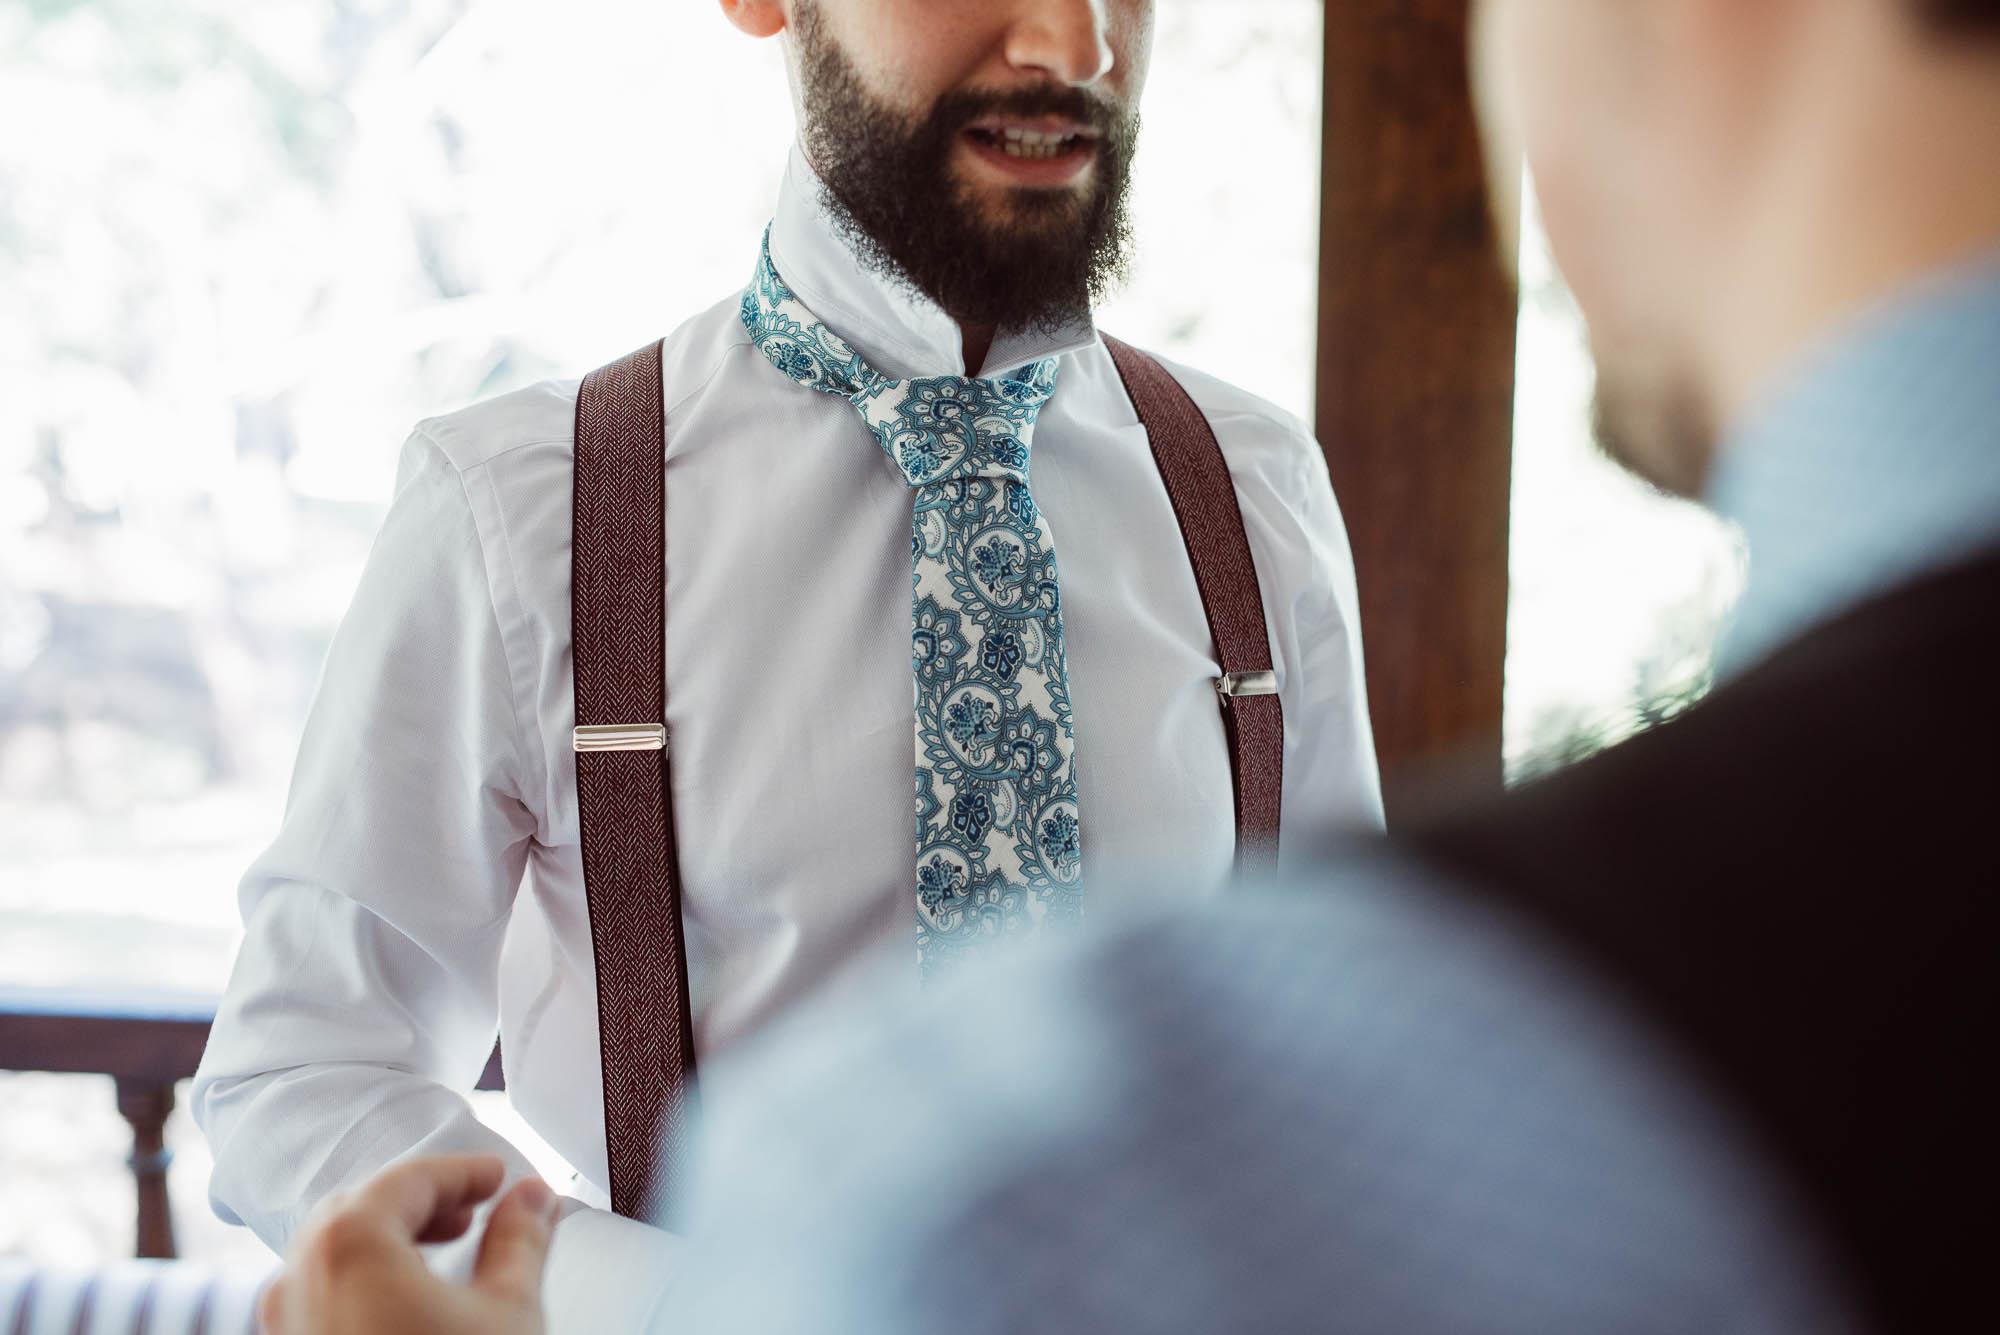 El novio con la corbata azul durante los preparativos